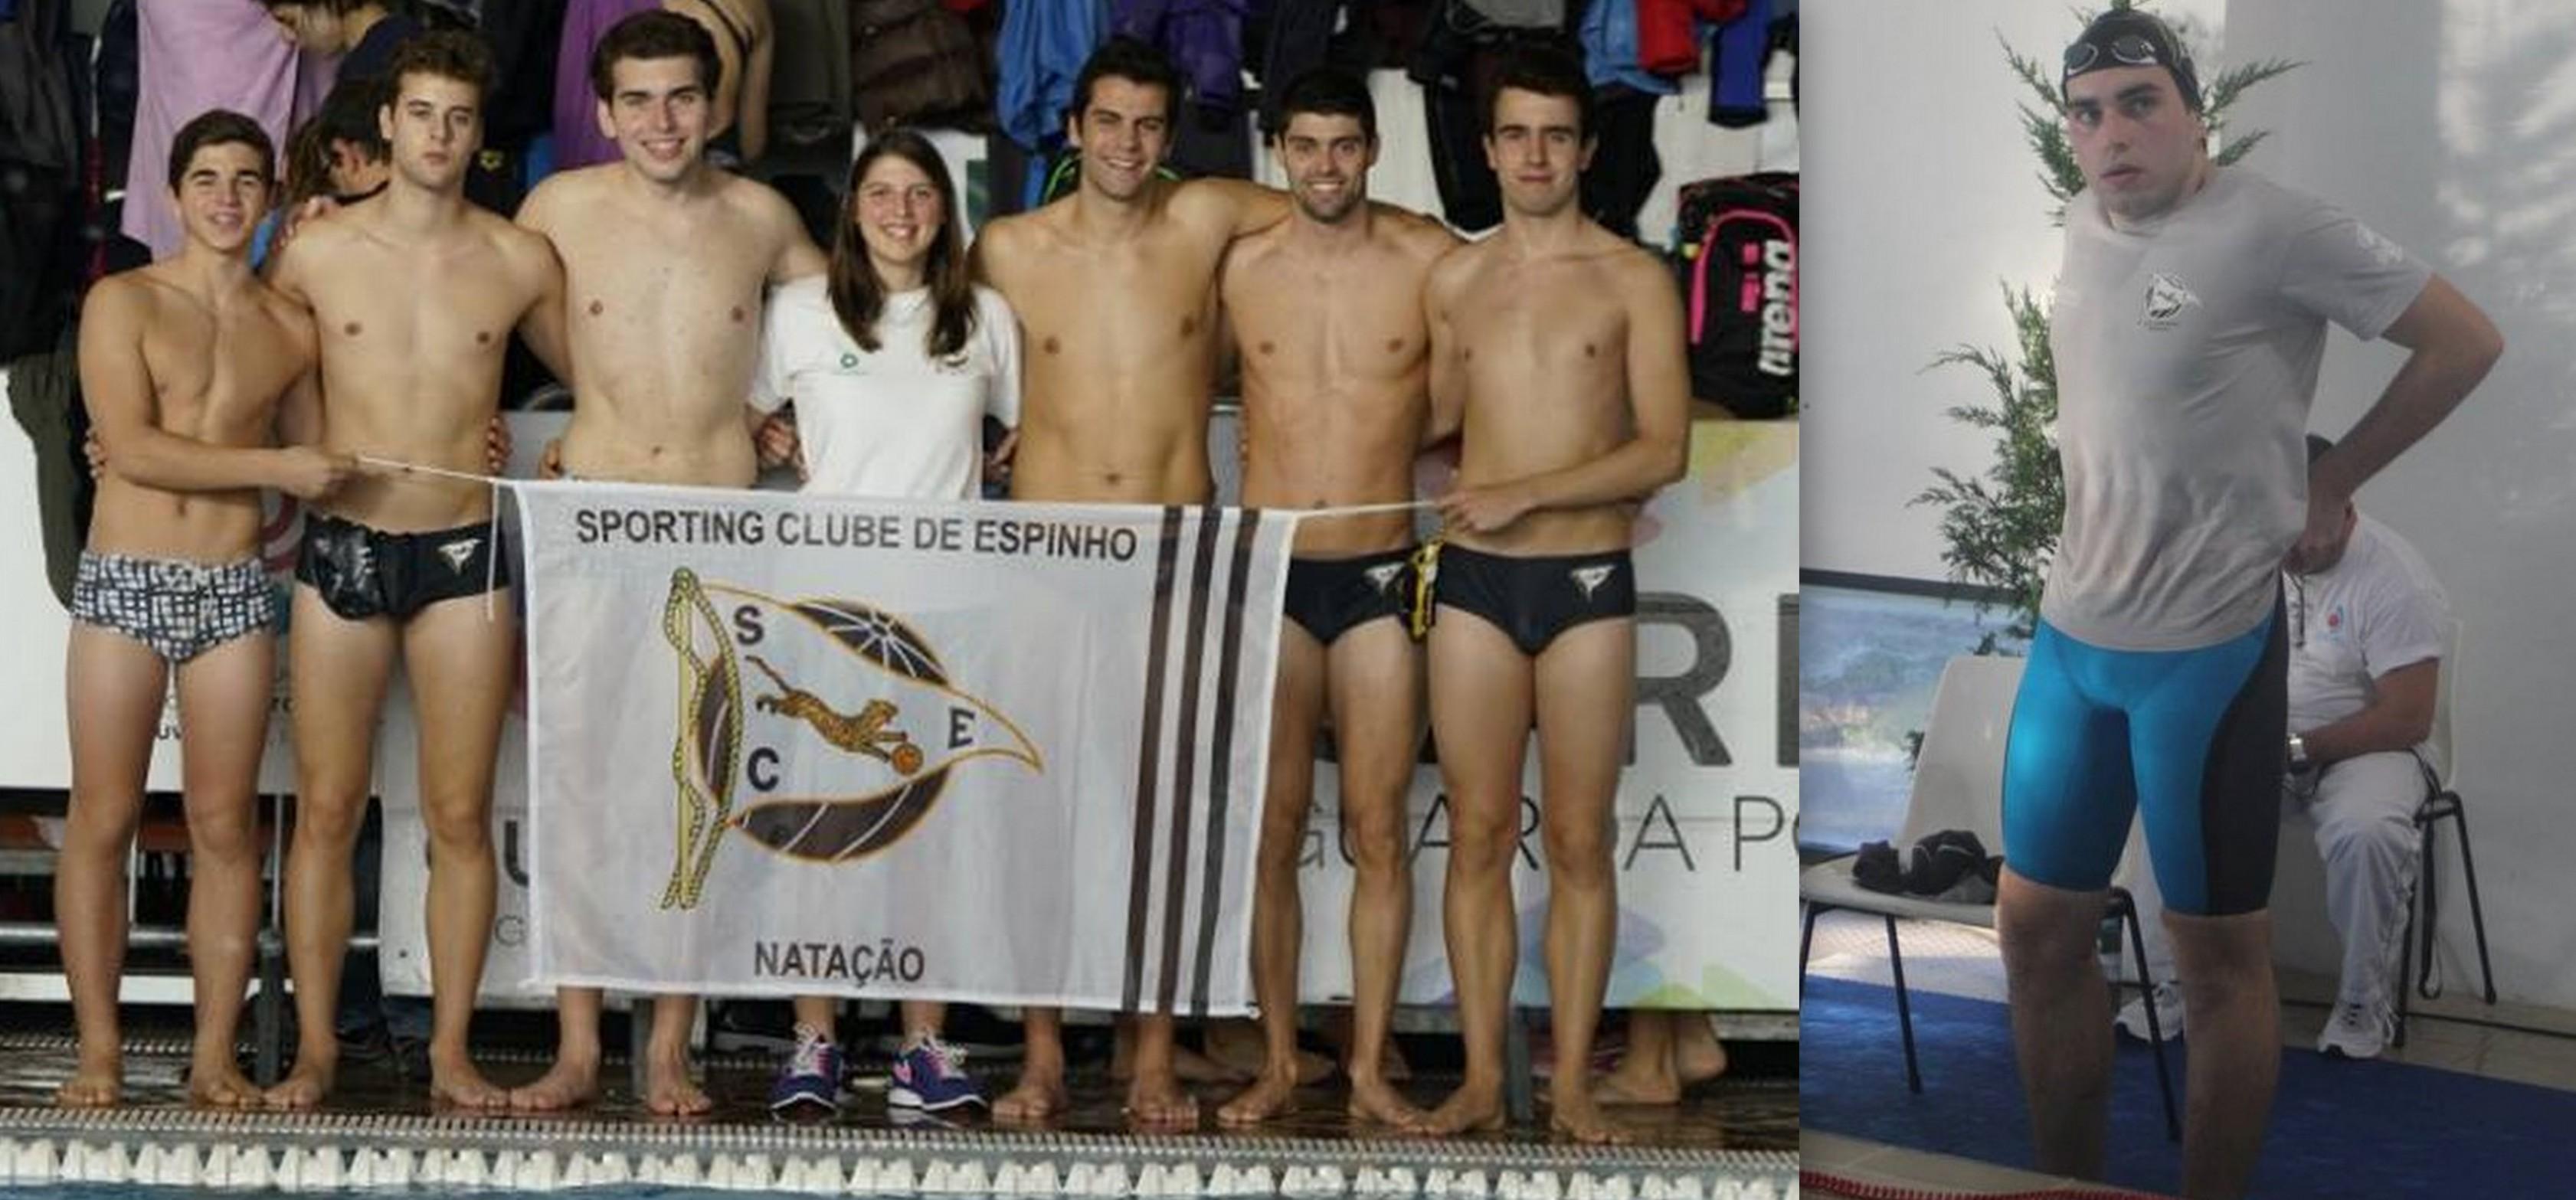 Natação: SCE no Campeonato Nacional de Clubes – 3ª Divisão na Guarda